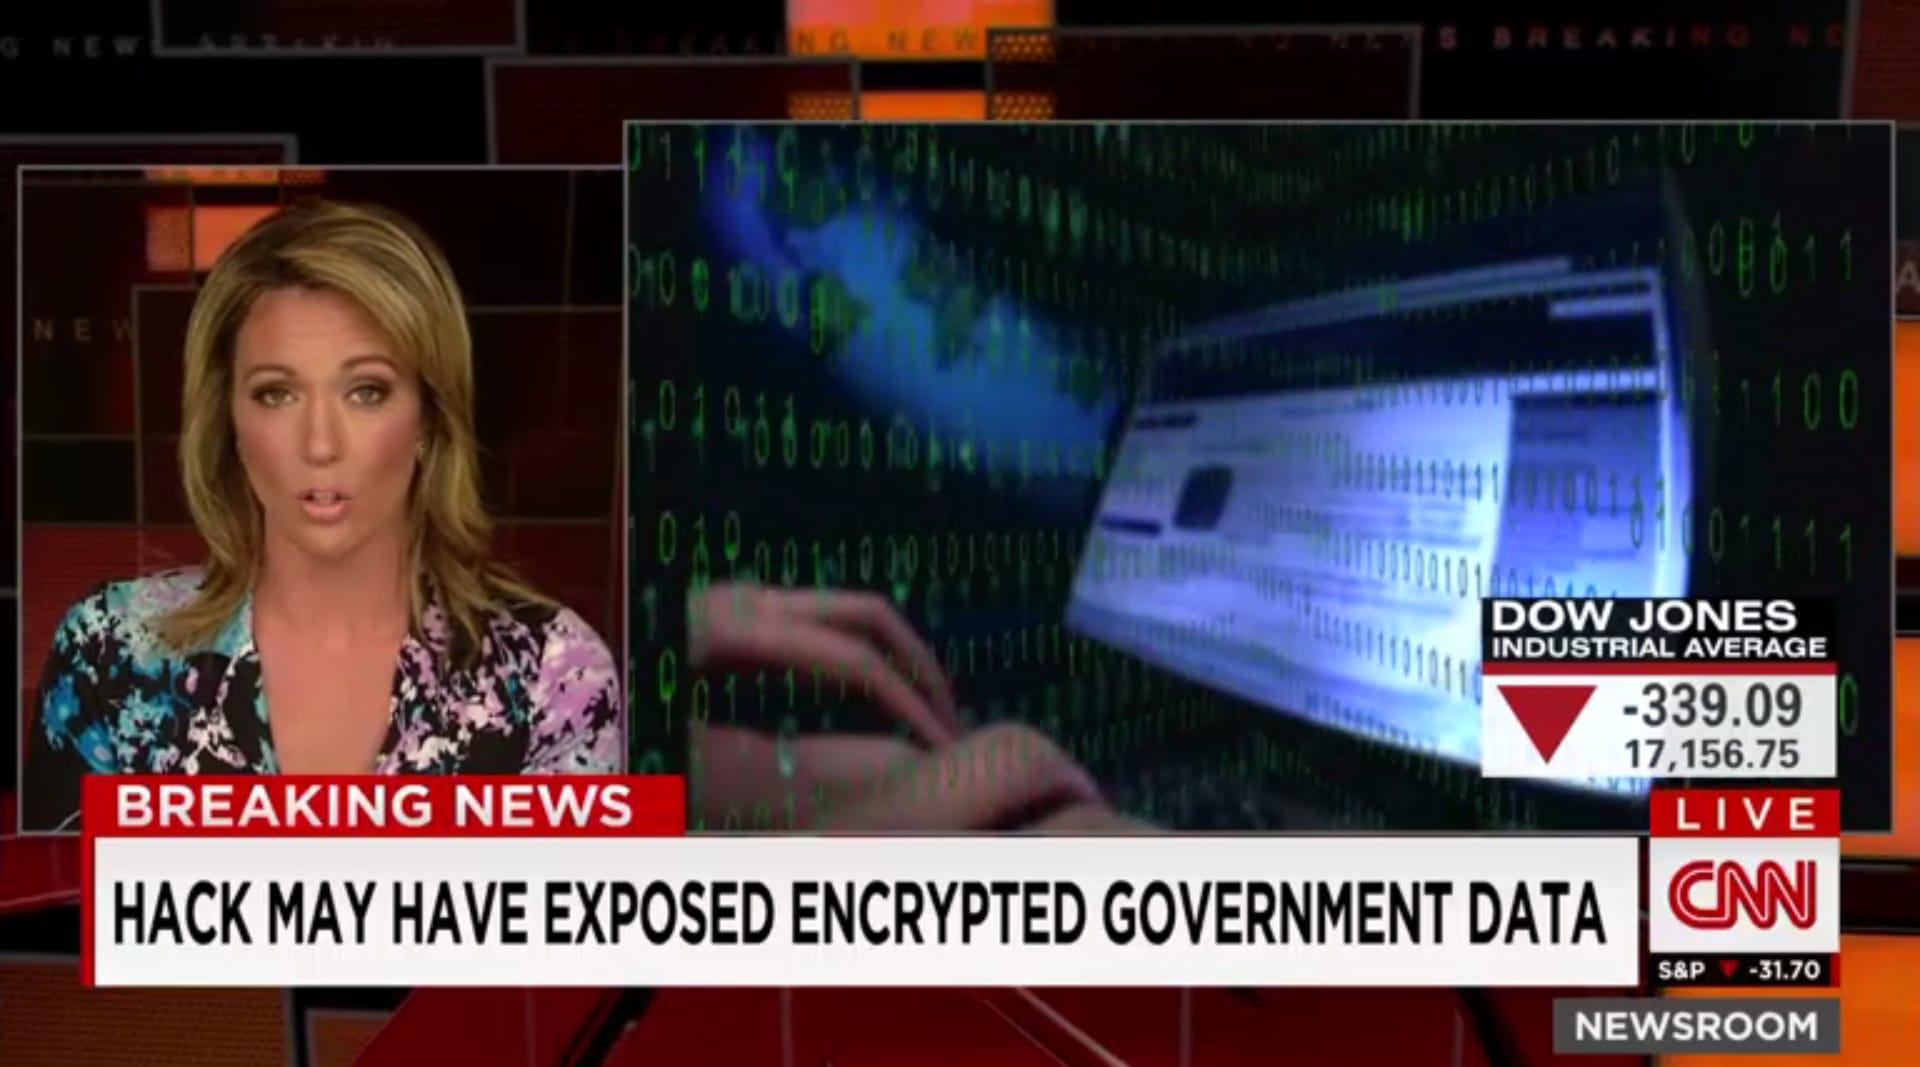 """شبكتنا تكشف الخبر أولا.. اختراق إحدى كبريات شركات الكمبيوتر يُثير قلق أمريكا من """"تجسس إلكتروني أجنبي"""""""